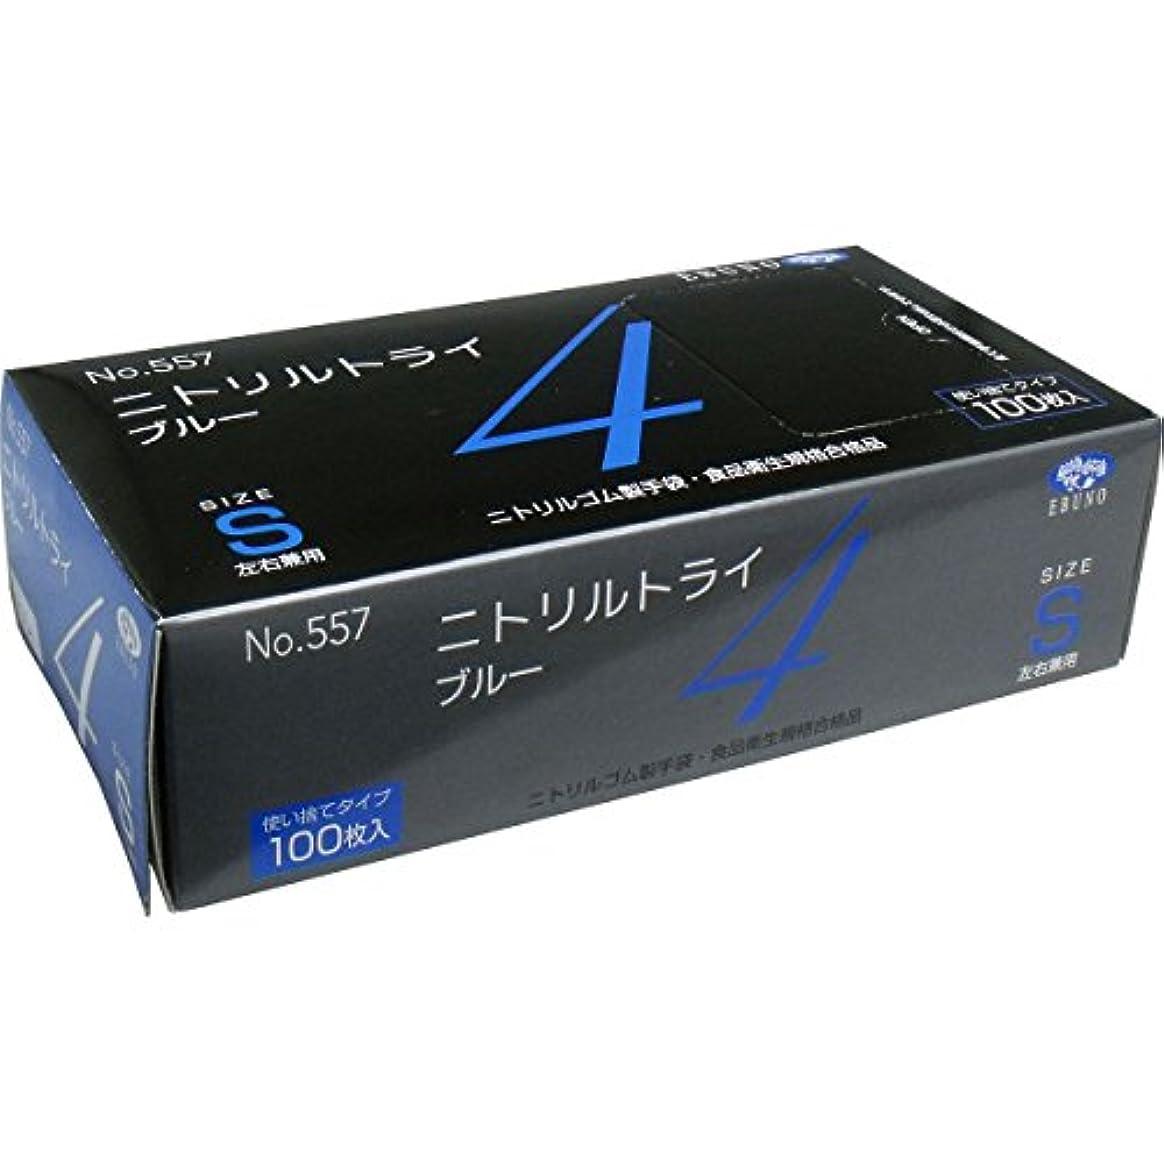 ペチコート規制する鼻ニトリルトライ4 №557 ブルー 粉付 Sサイズ 100枚入